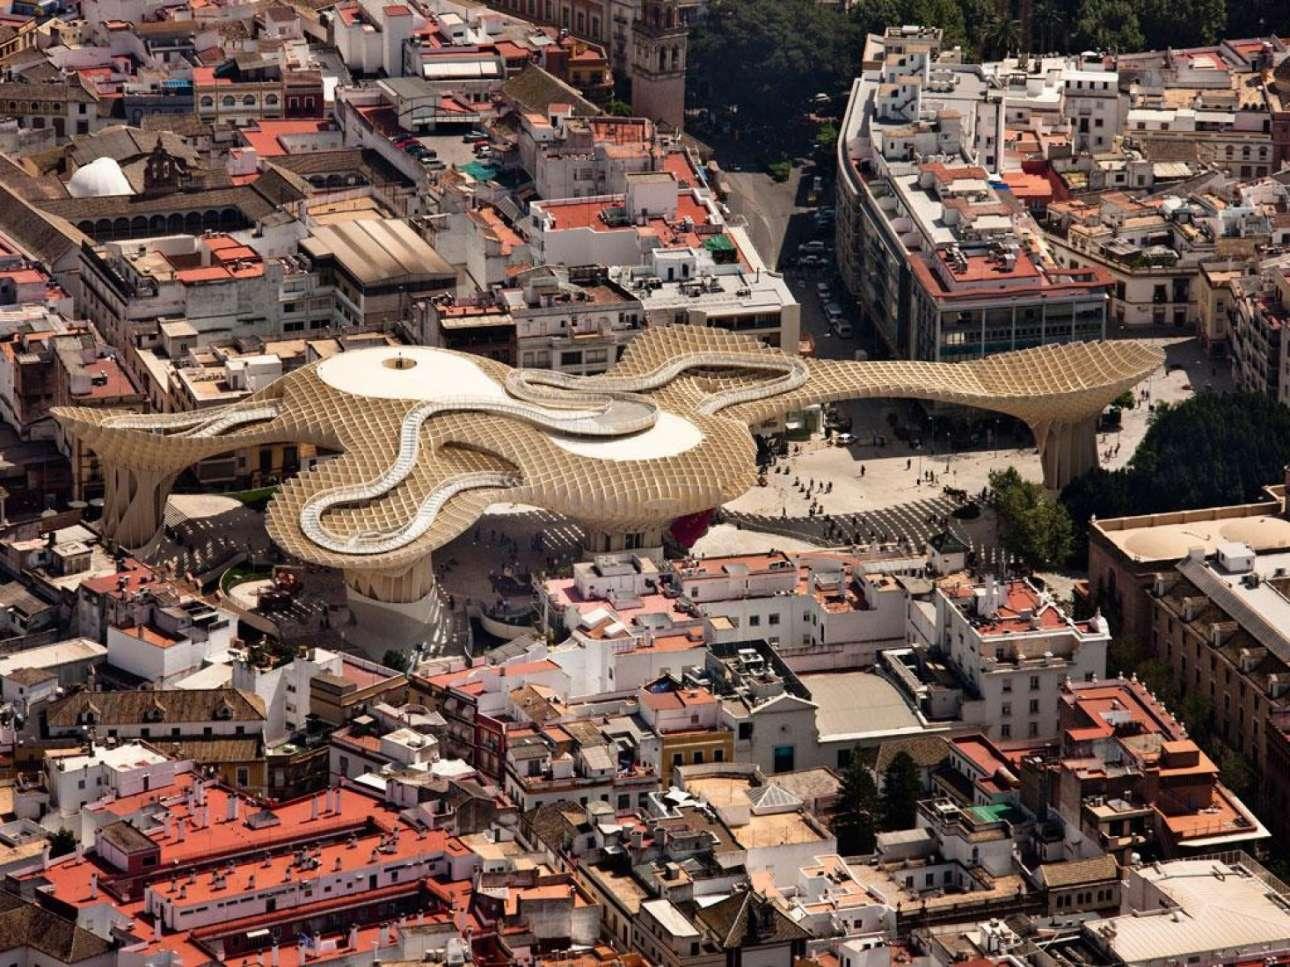 Από τις μεγαλύτερες ξύλινες κατασκευές στον κόσμο, το Metropol Parasol στη Σεβίλη έδωσε ζωή στην πλατεία Plaza de la Encarnacion και έγινε το ορόσημο της ανδαλουσιανής πόλης. Κάτω από την εντυπωσιακή κατασκευή στεγάζονται ένας αρχαιολογικός χώρος, αγορά, εστιατόρια και μπαρ